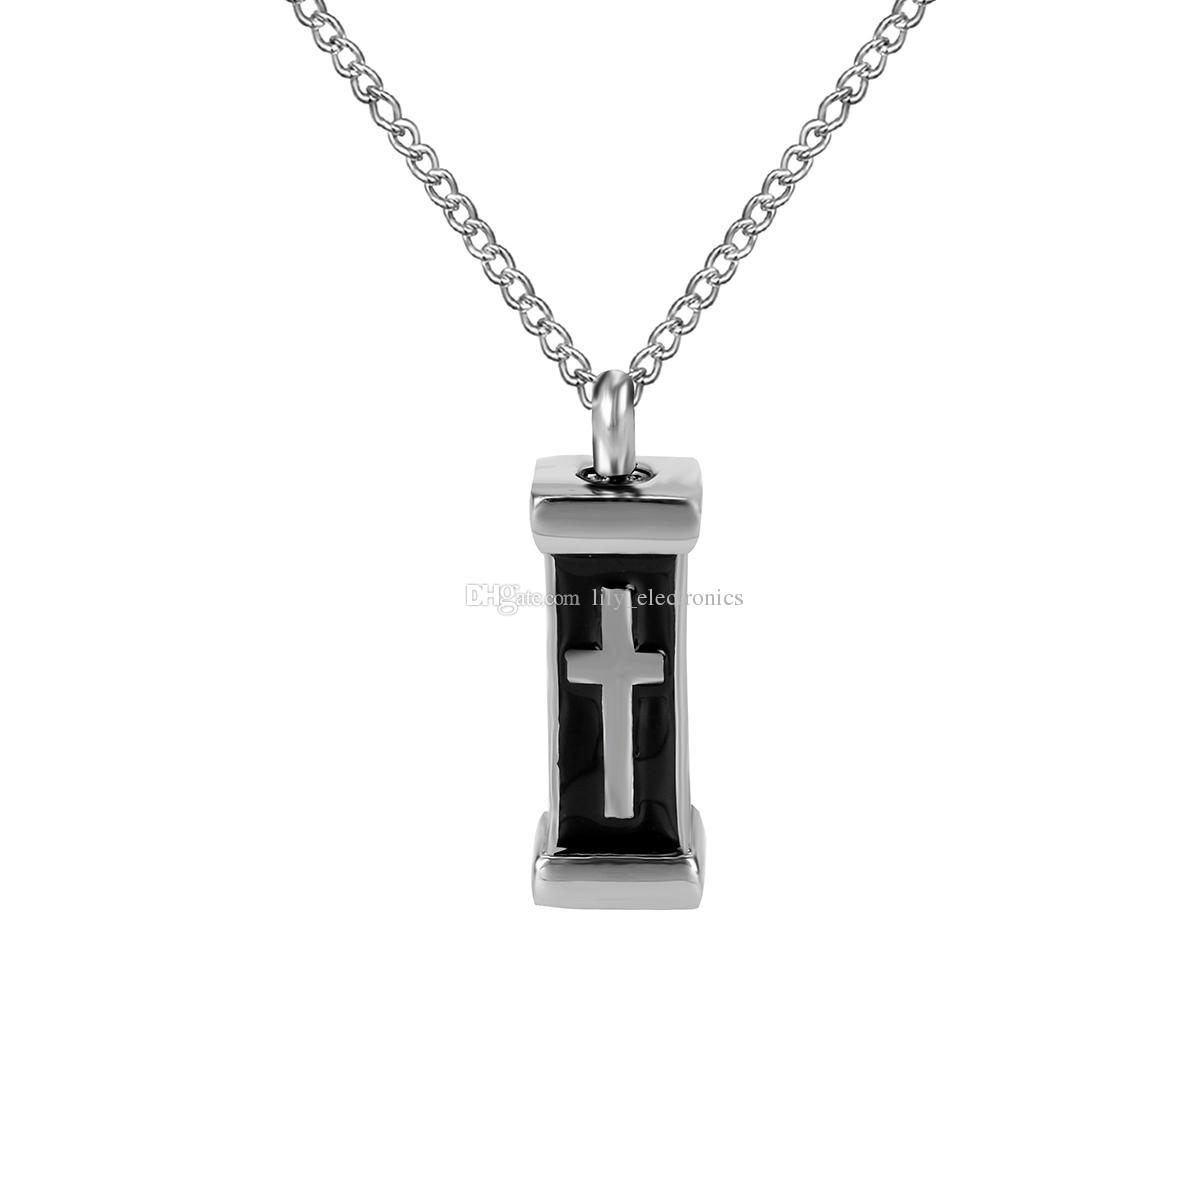 Кремация ювелирные изделия крест надгробная плита гроб урна пепел ожерелье мемориальный сувенир кулон с подарочный пакет и воронка